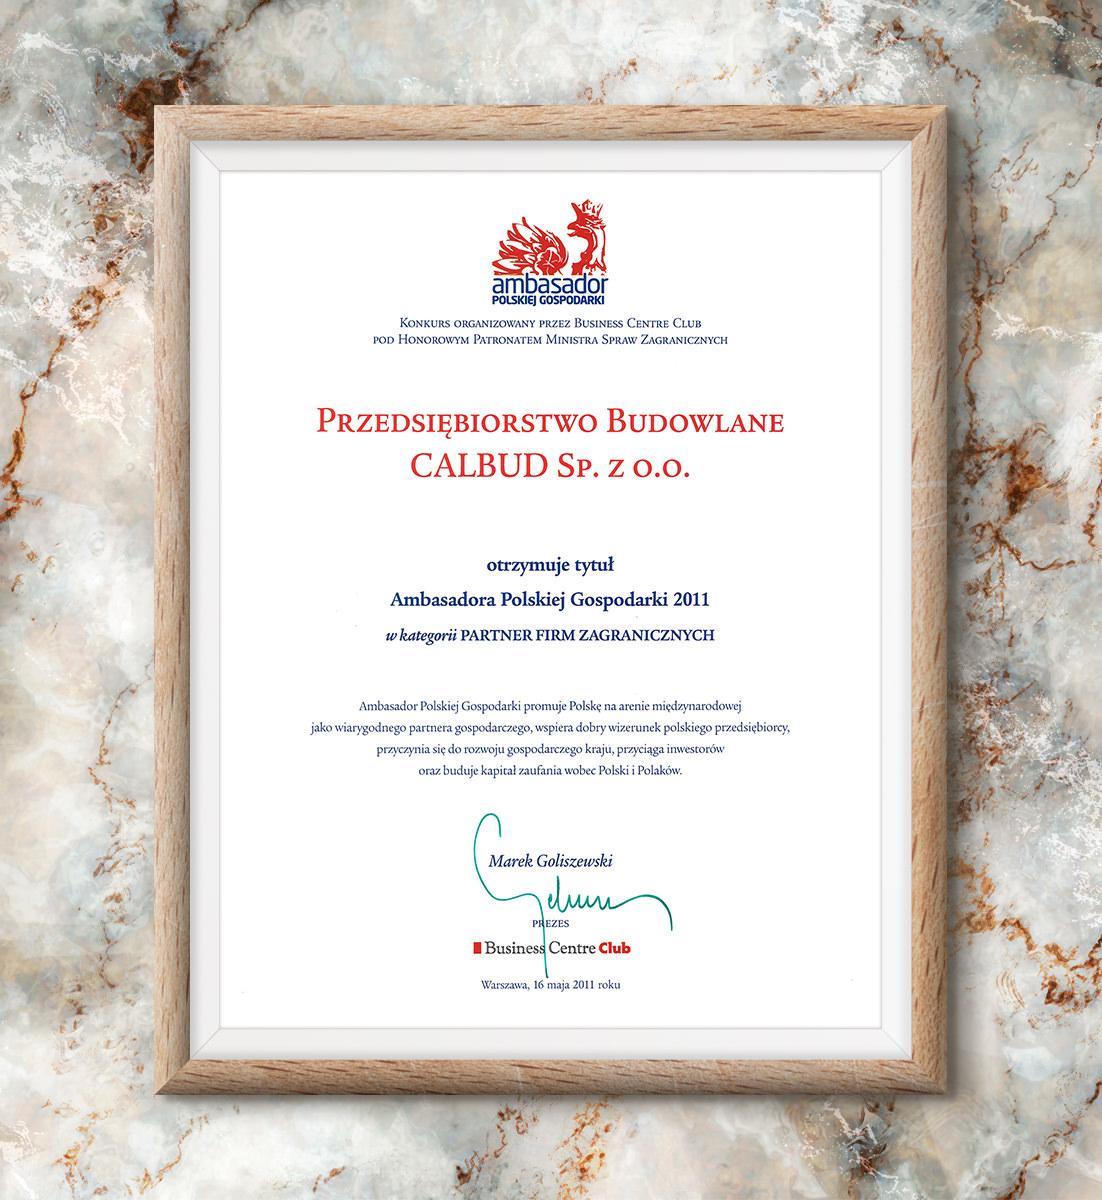 Ambasador Polskiej Gospodarki 2011 - Partner Firm Zagranicznych